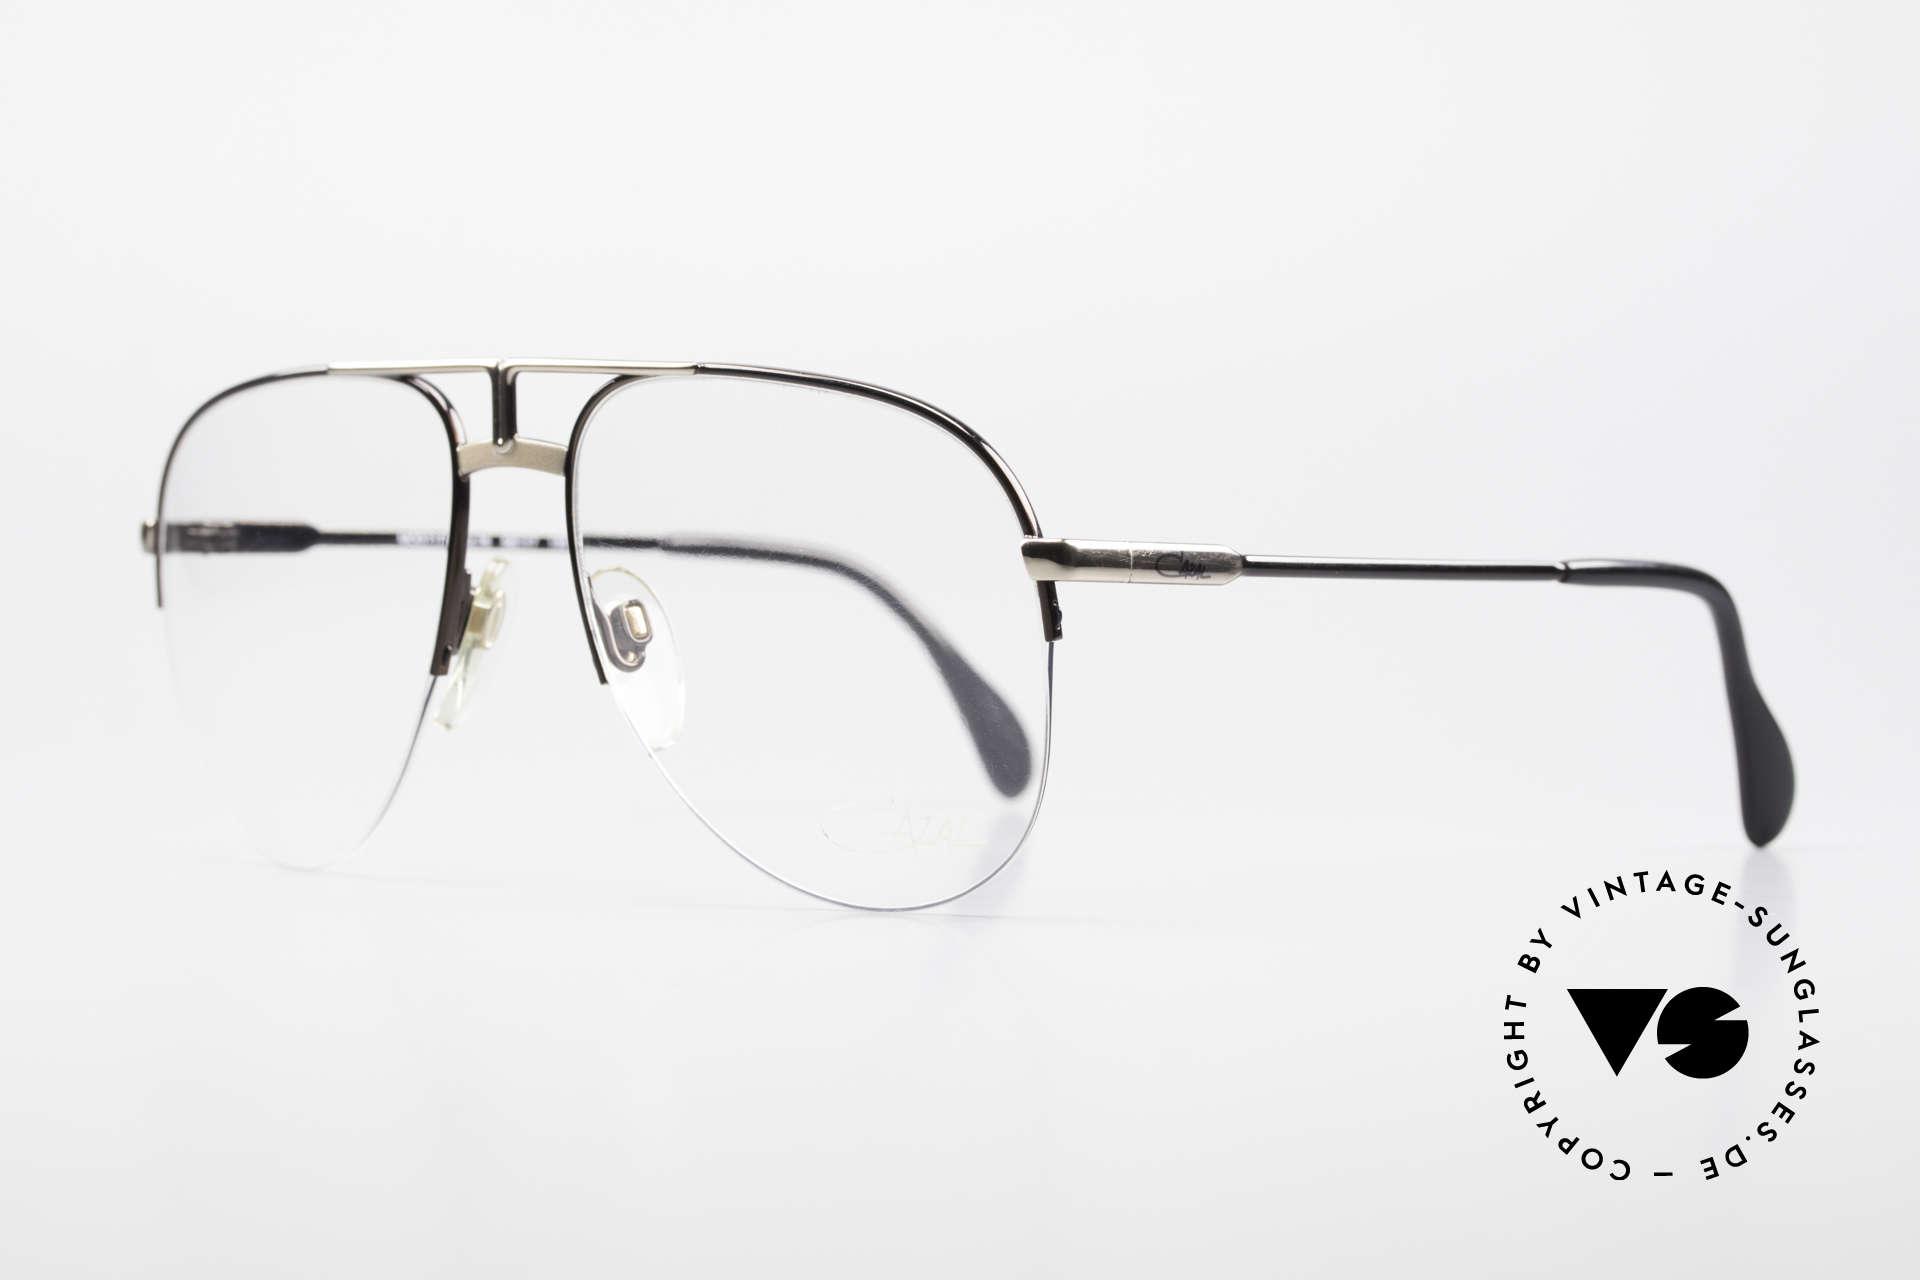 Cazal 717 Alte 80er Brille Halb Randlos, Brille vom großen Designer CAri ZALloni, Passend für Herren